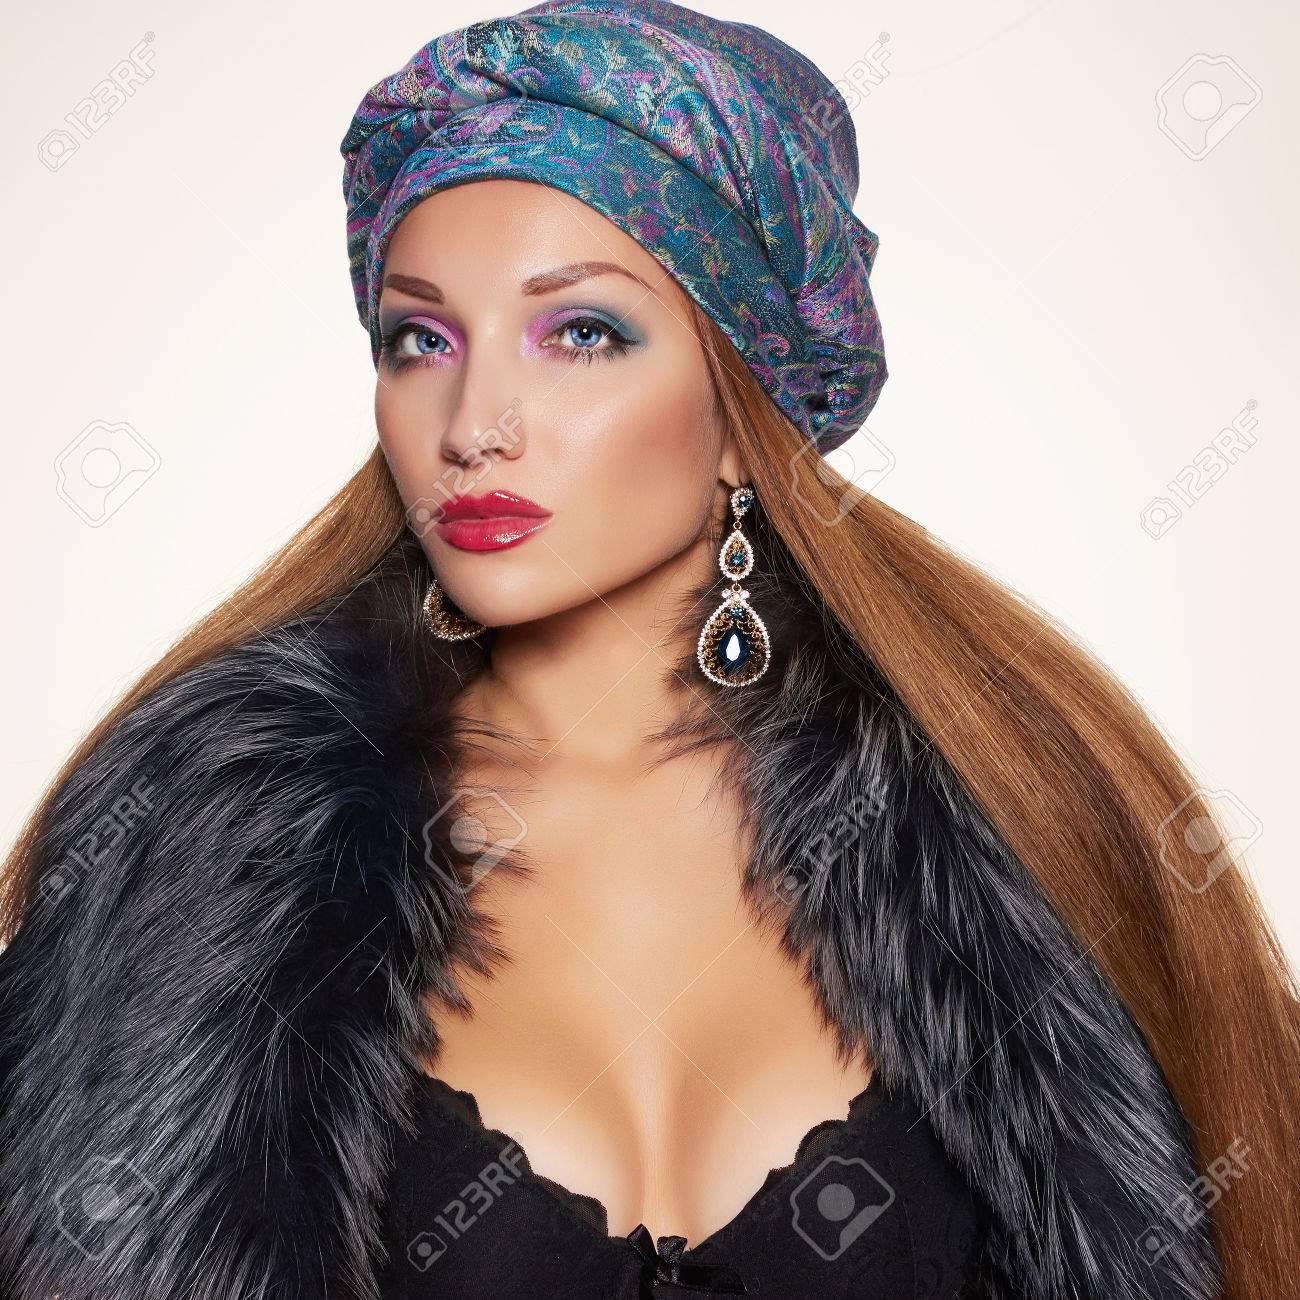 Mädchen Sexy Bilder mobil arabische Großer Penis: